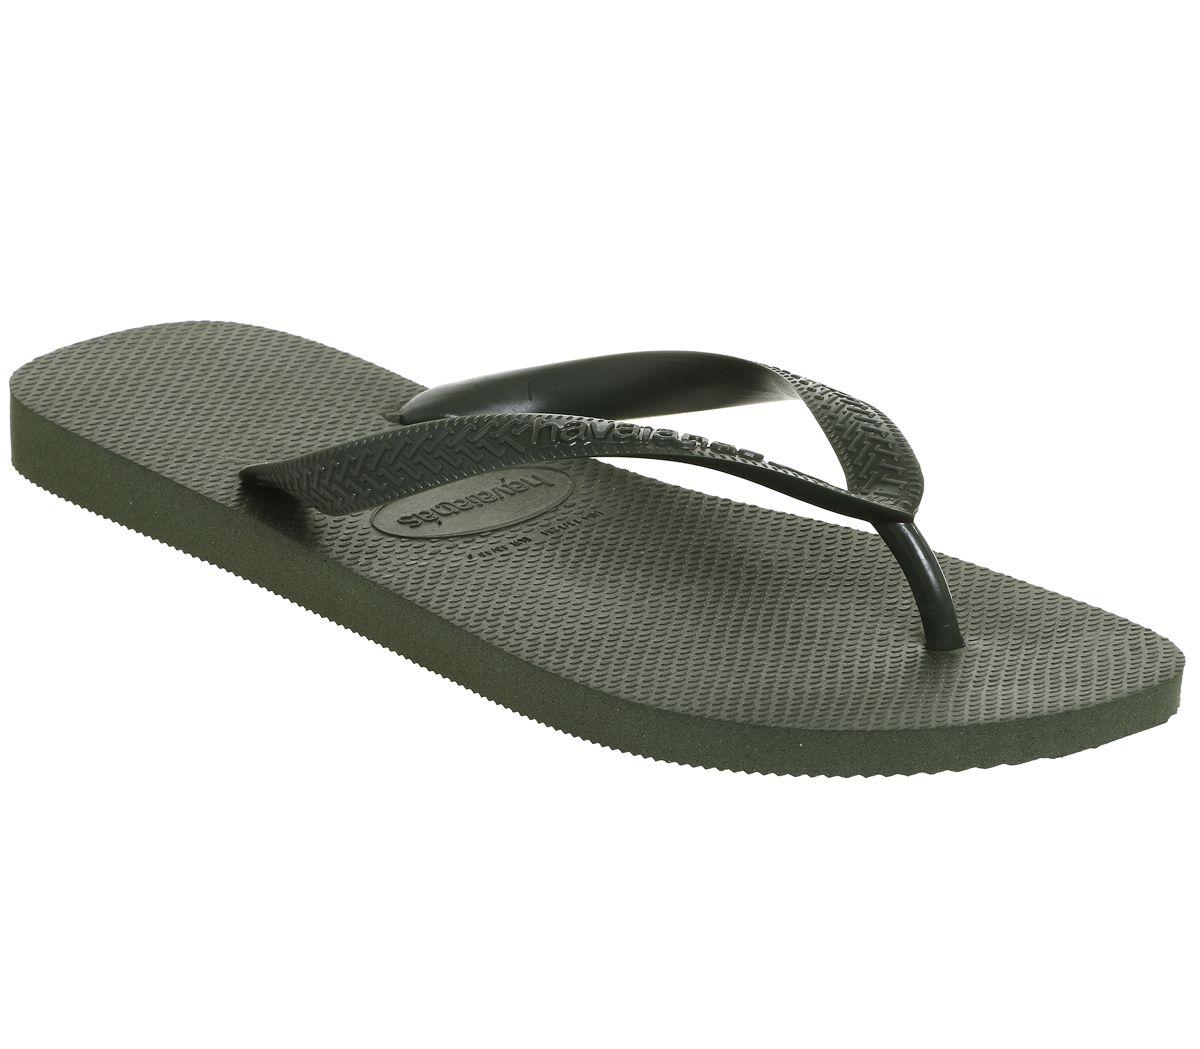 3f580a9ea Havaianas Top Flip Flops Olive Green - Sandals